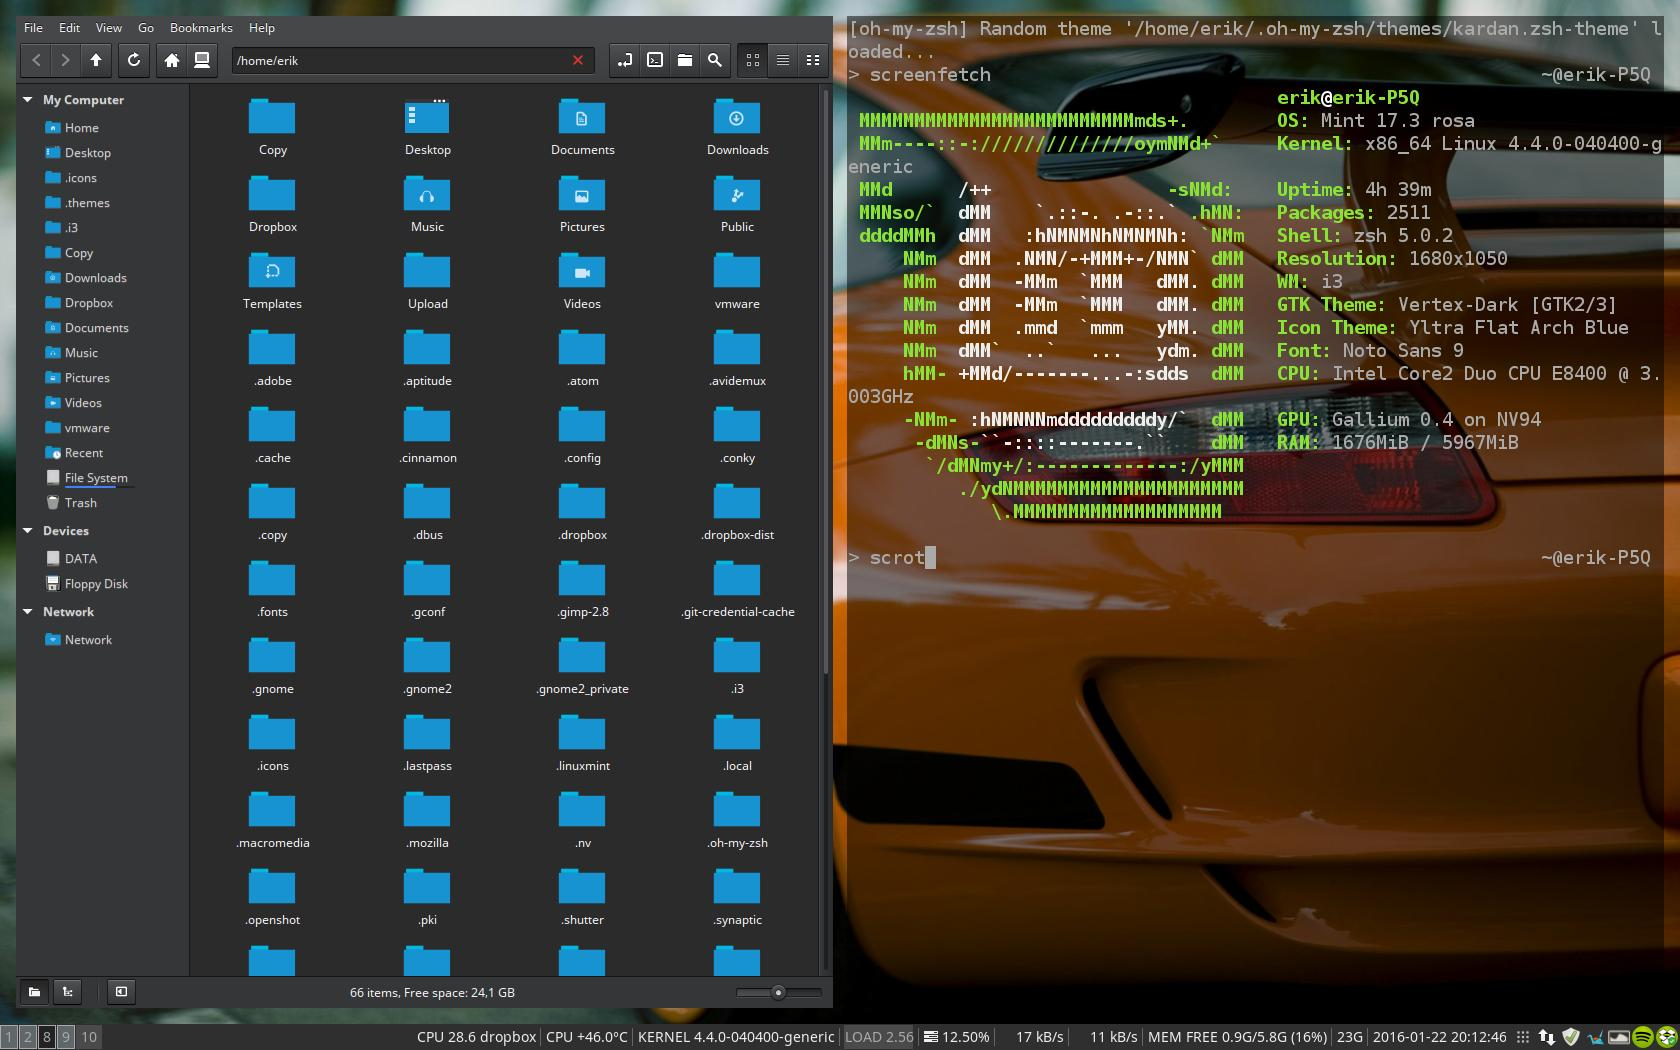 GitHub - kimifetch/yltra-flat-icon-theme: Yltra Flat icon for Linux